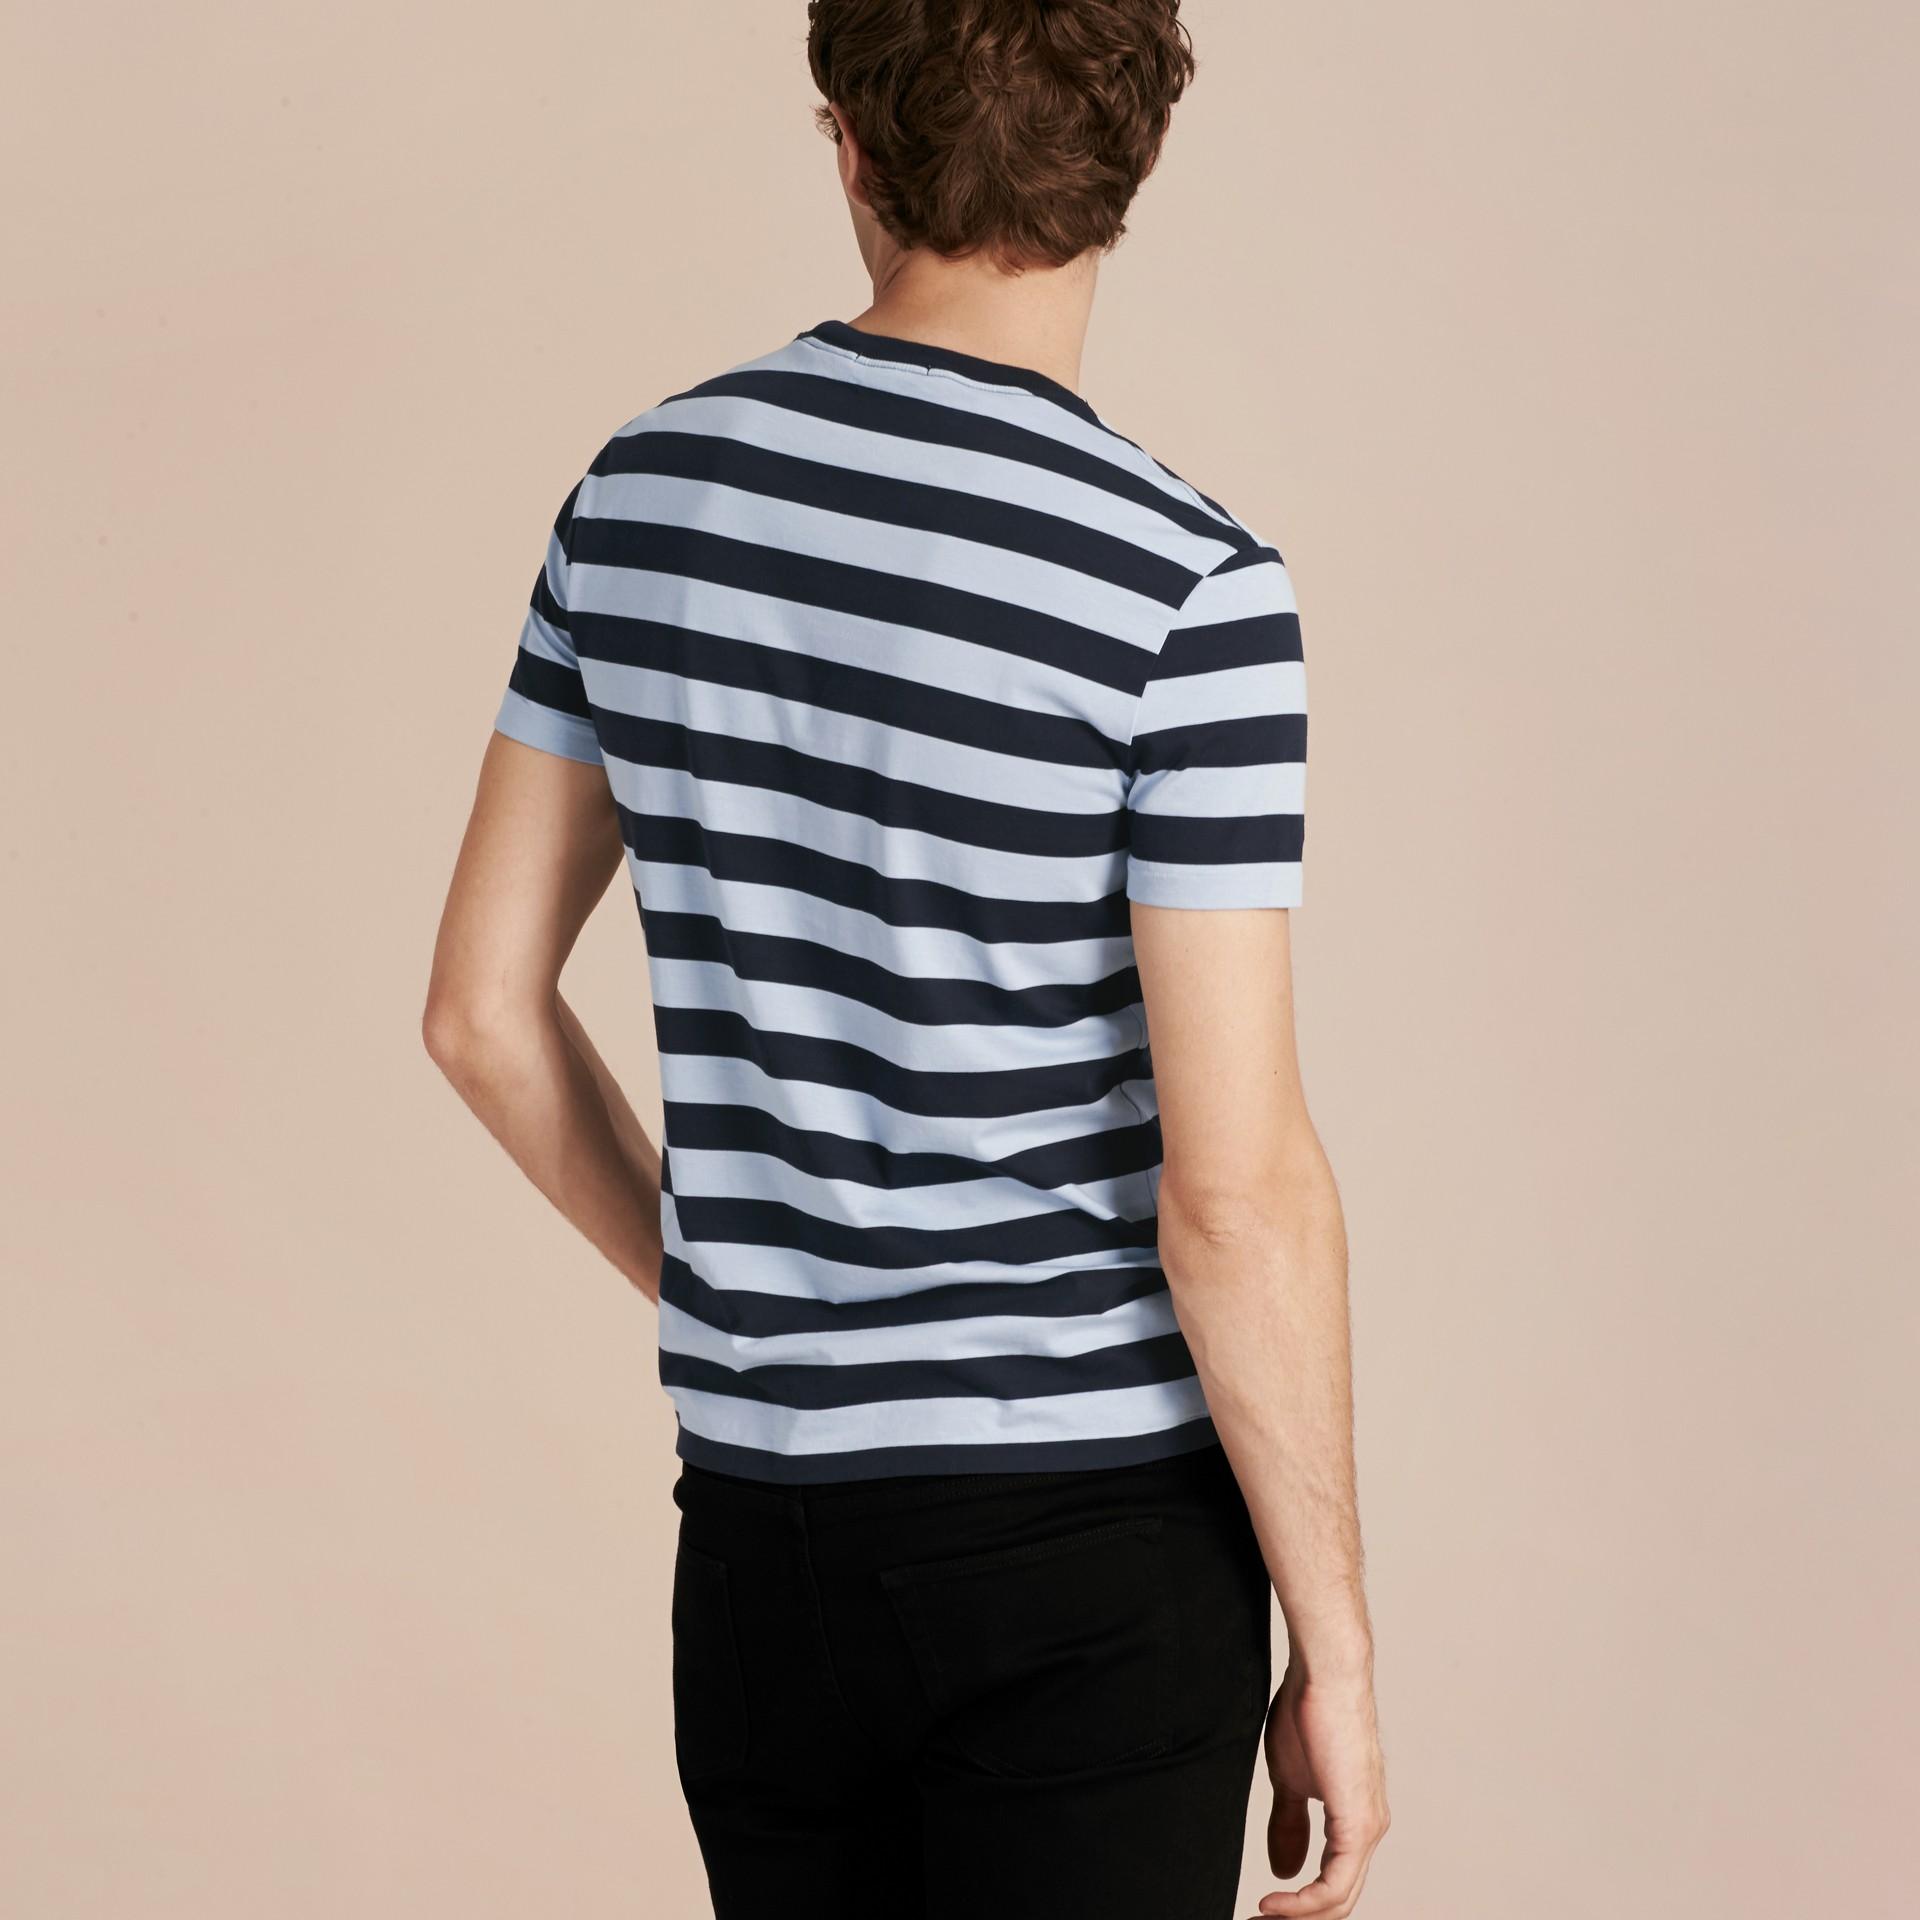 Navy T-shirt in cotone a righe Navy - immagine della galleria 3